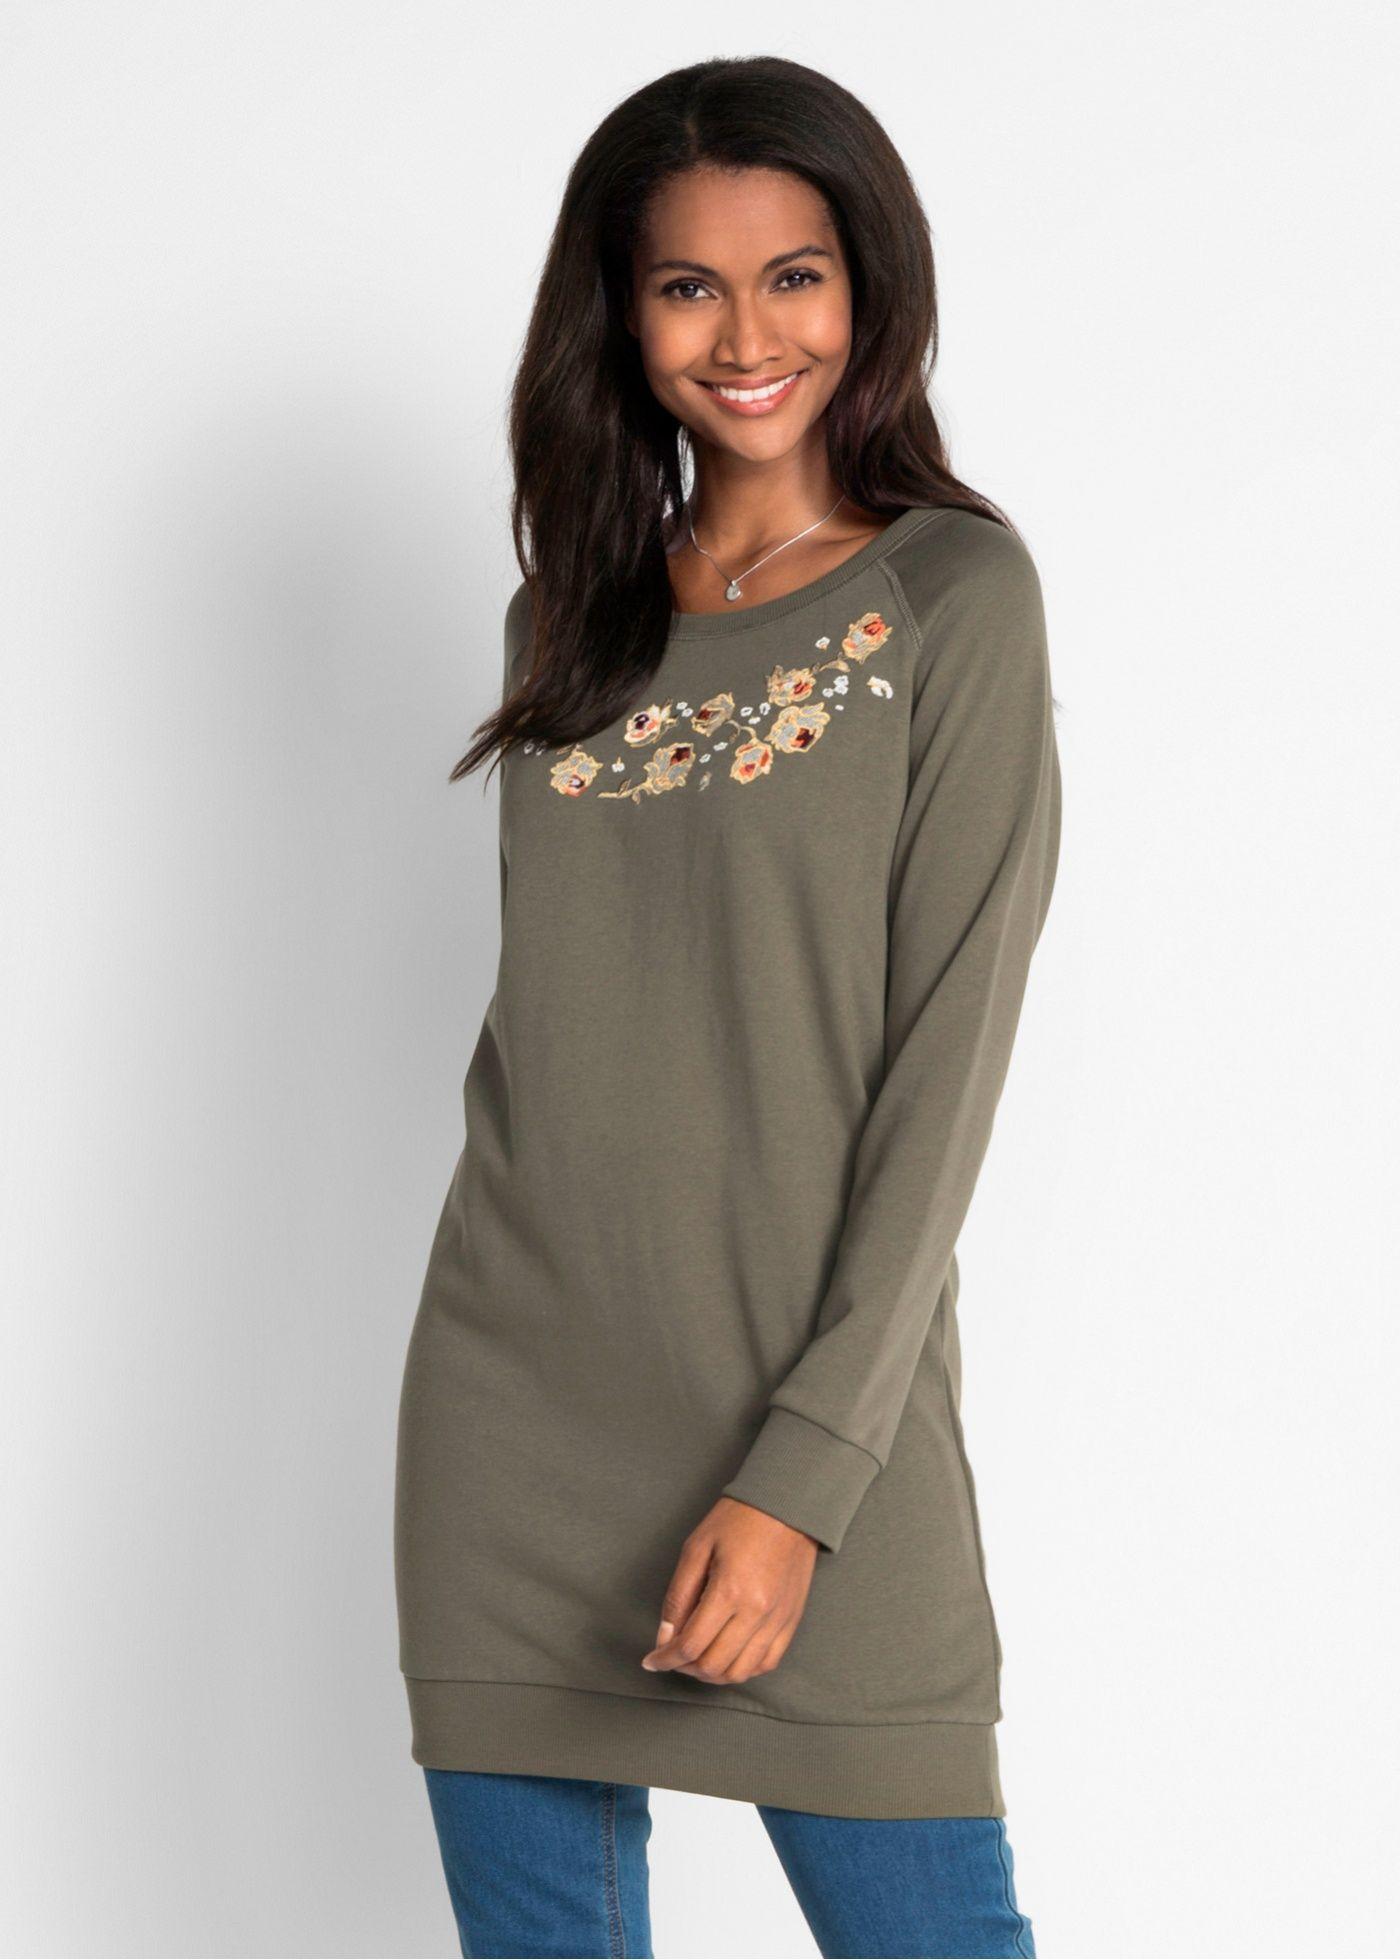 b35cf60211c7 Mikinové šaty s výšivkou tmavě olivová - koupit online - bonprix.cz Celková  délka ve